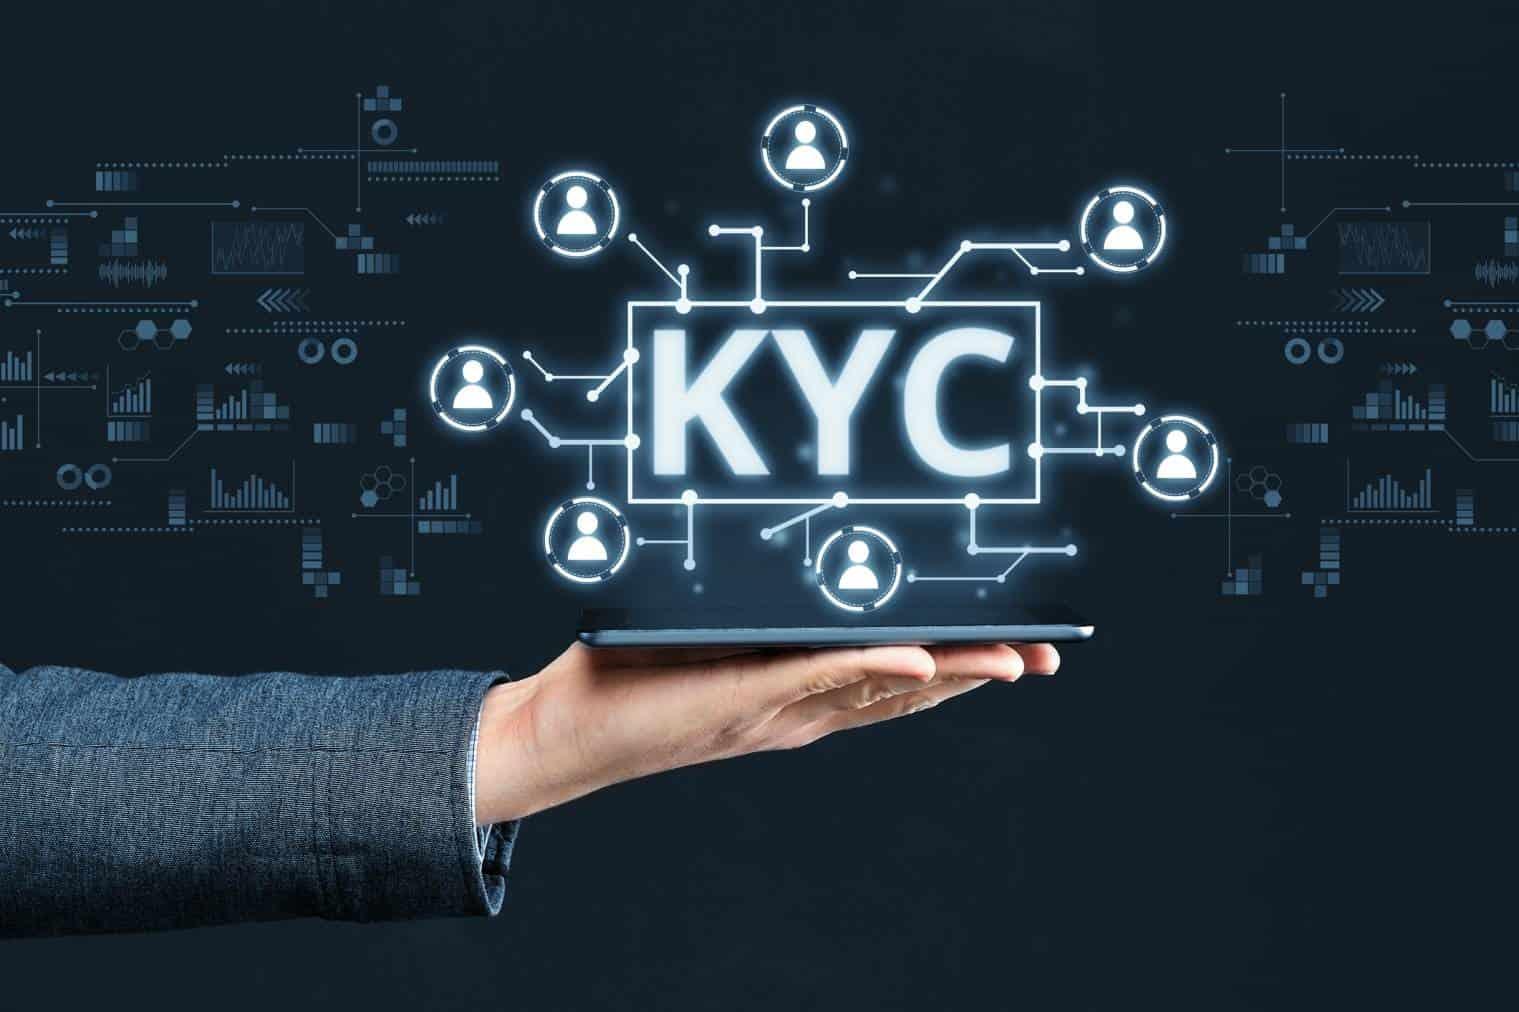 Les documents d'identité pour la procédure KYC